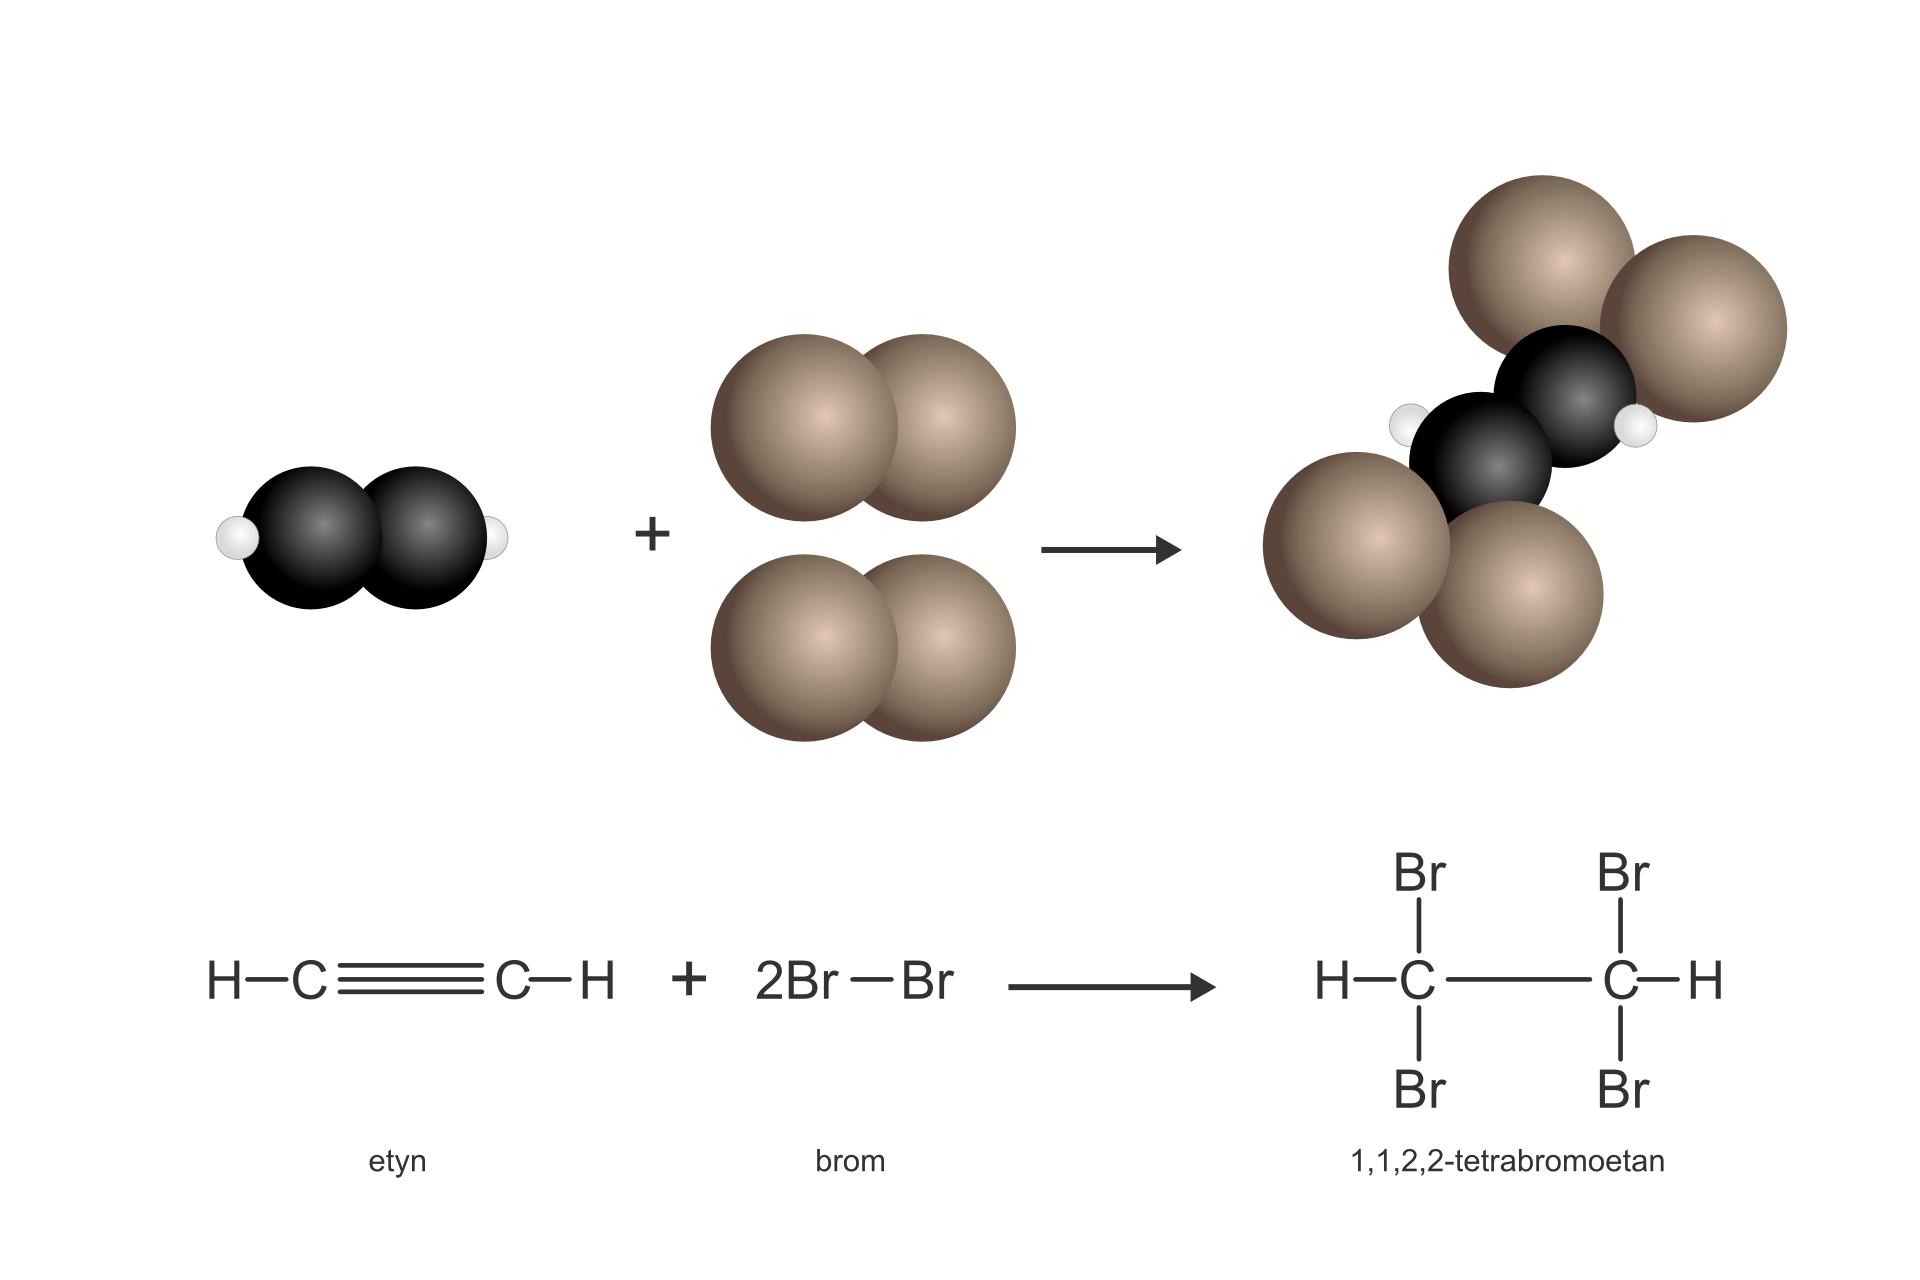 Wzory przedstawiające etyn, brom itetrabromoetan.